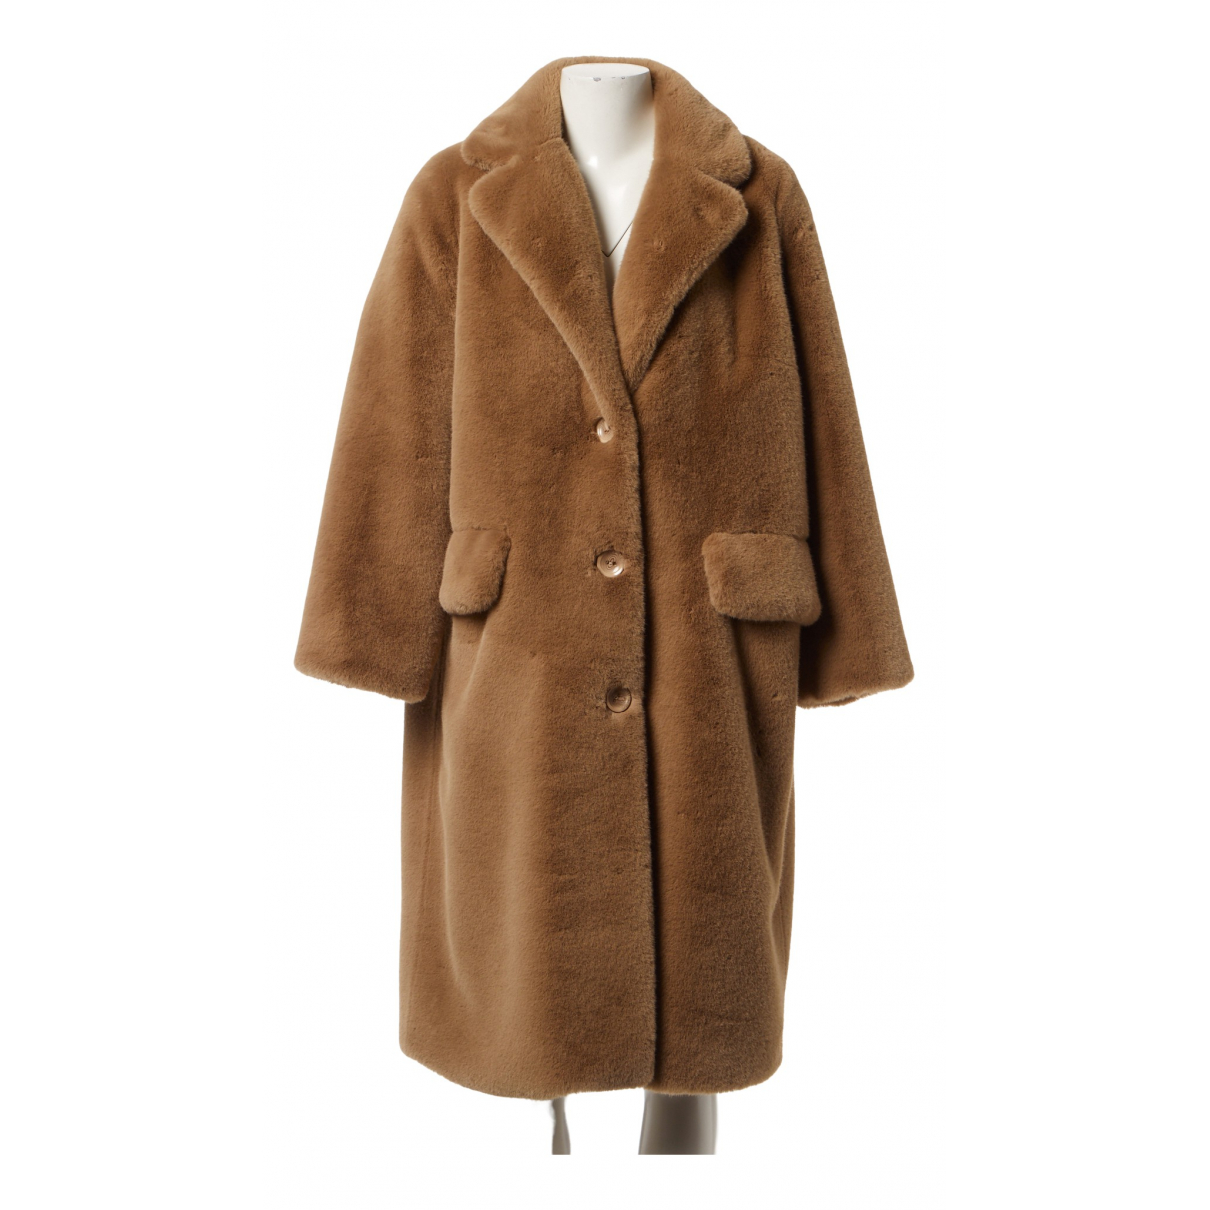 Stand Studio \N Beige coat for Women 34 FR